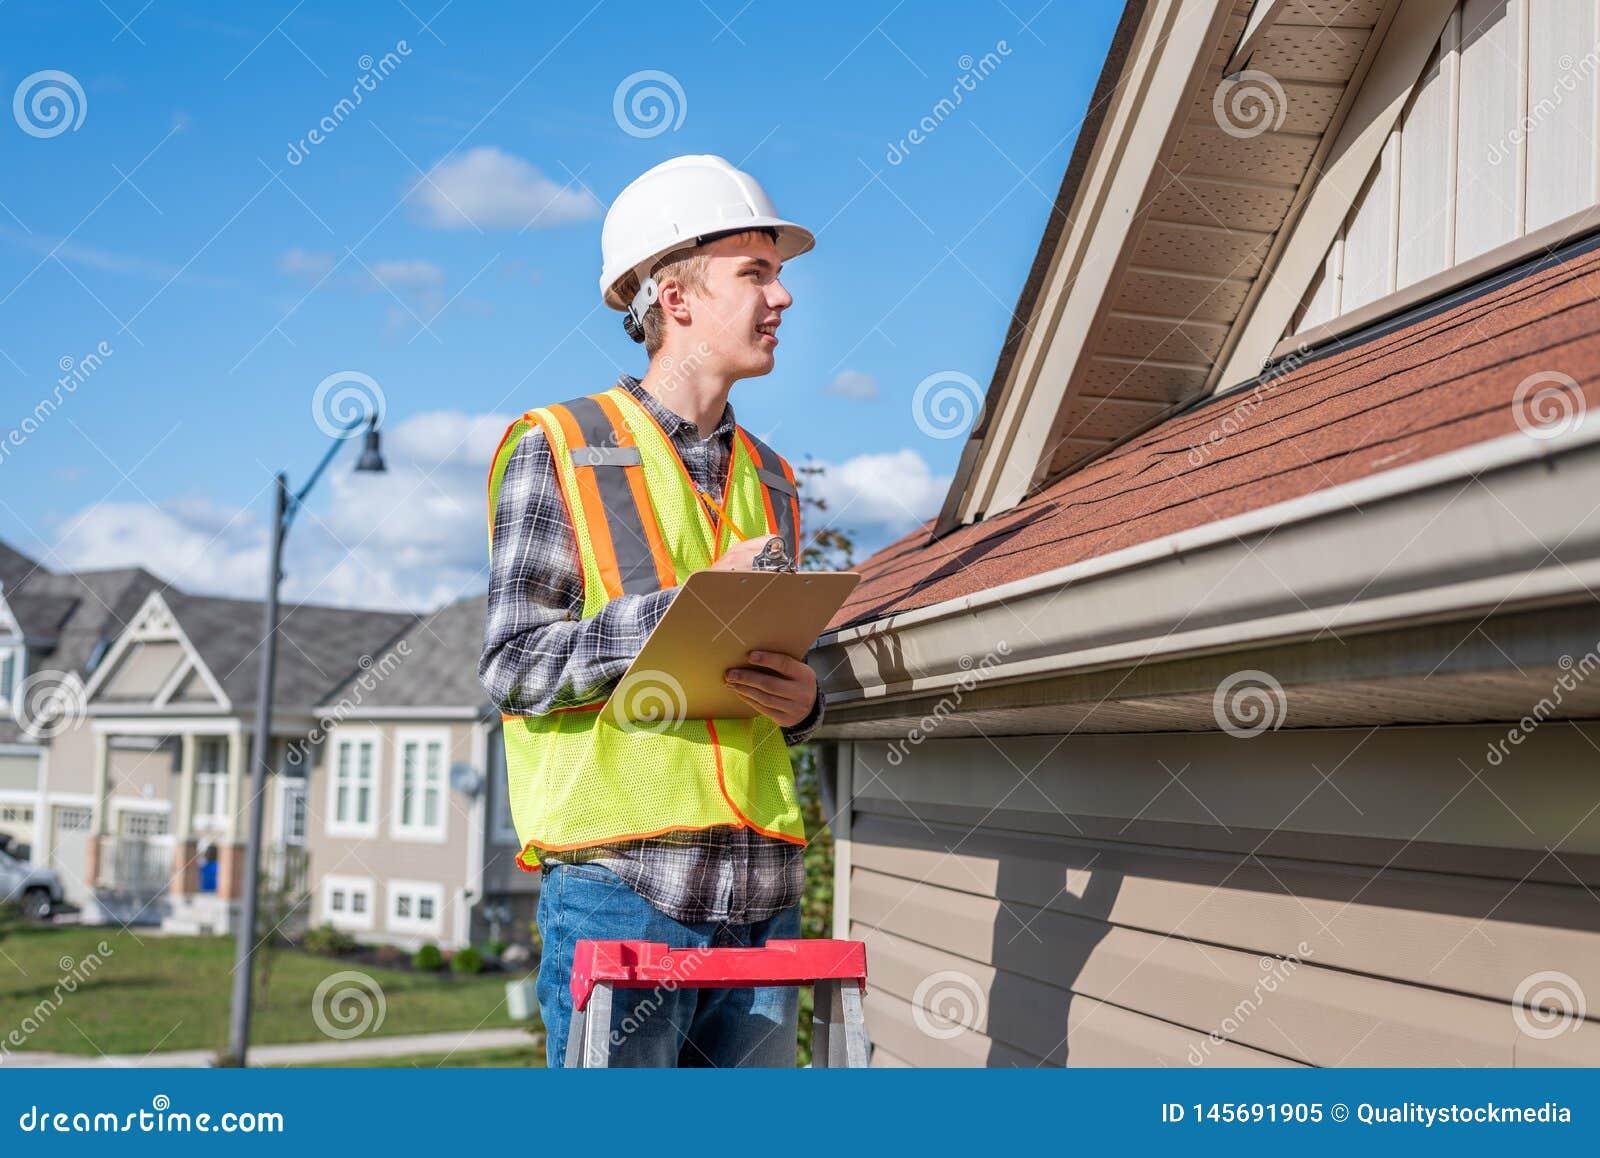 Huisinspecteur die een inspectie verstrekt aan een huis